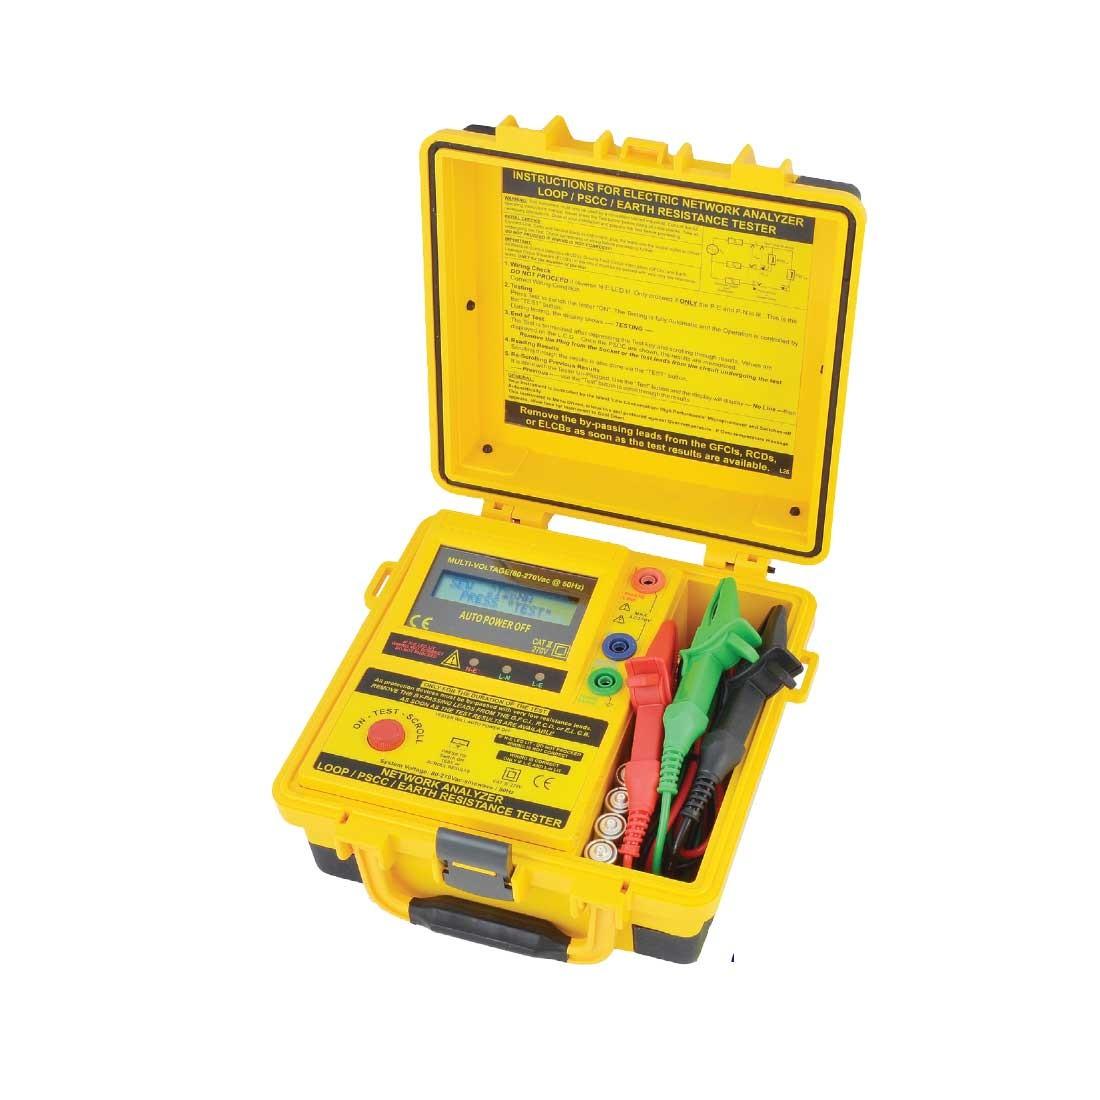 2126NA Electrical Network Analyzer